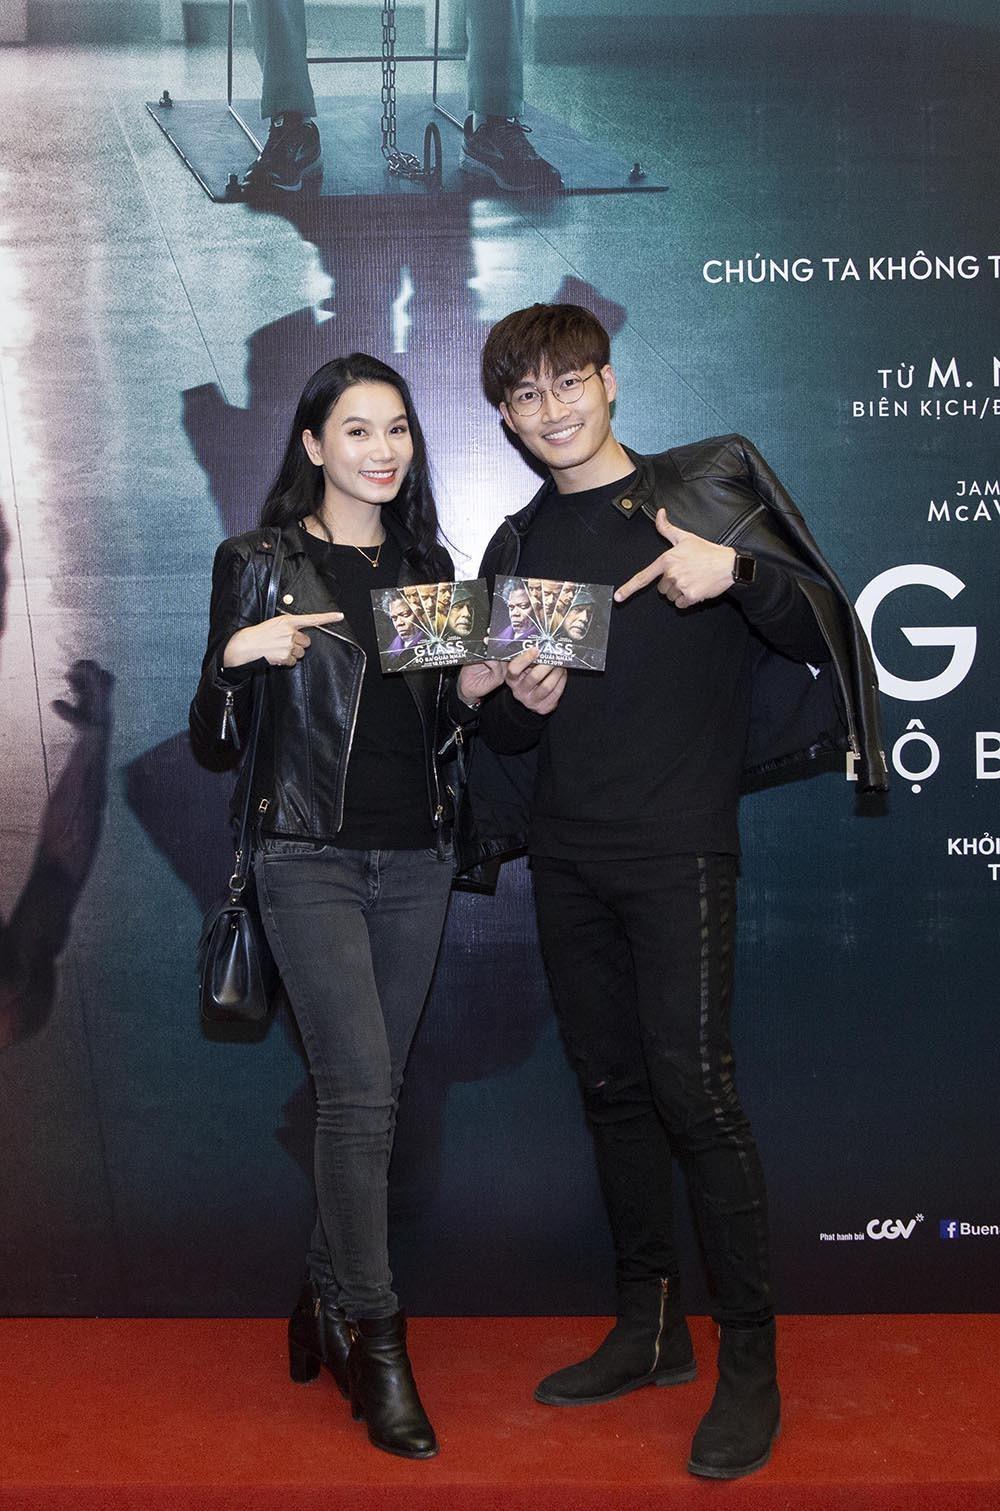 Lương Giang diện đồ cá tính đi xem phim